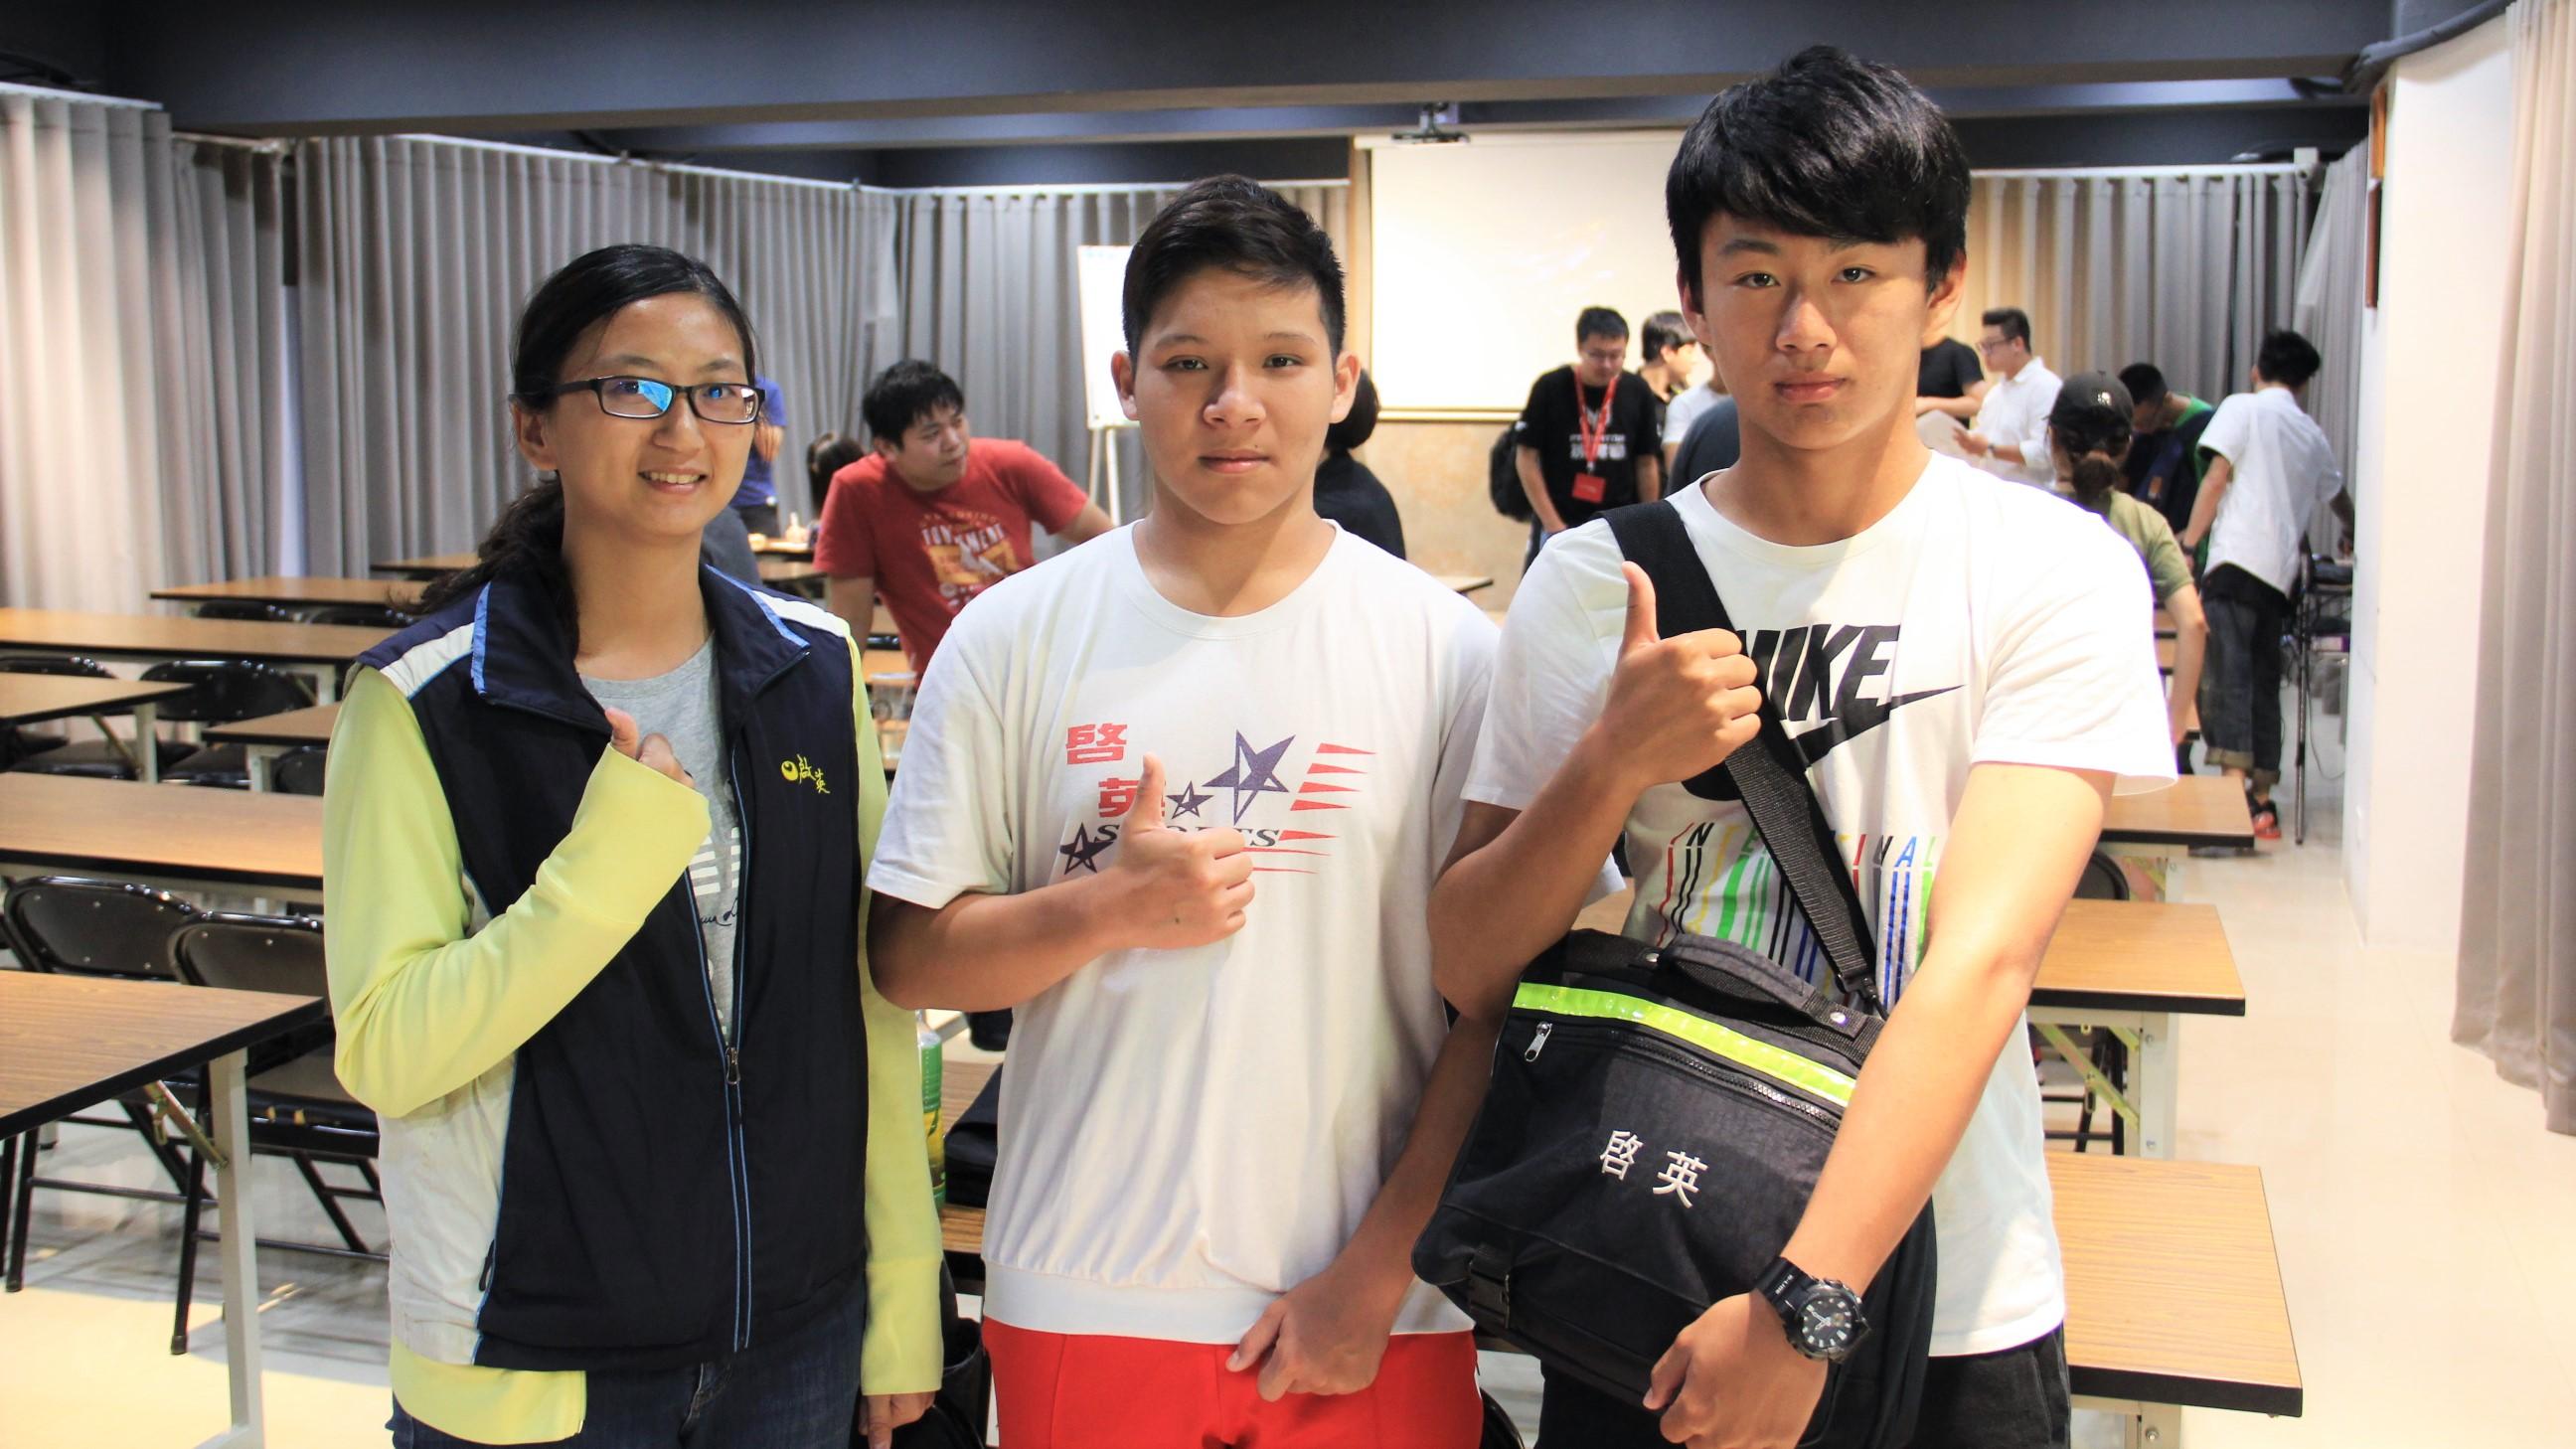 ▲啟英高中代表(左起)吳老師、郭同學、蔡同學表示校隊上學期就已成立,相當期待PMCC比賽。